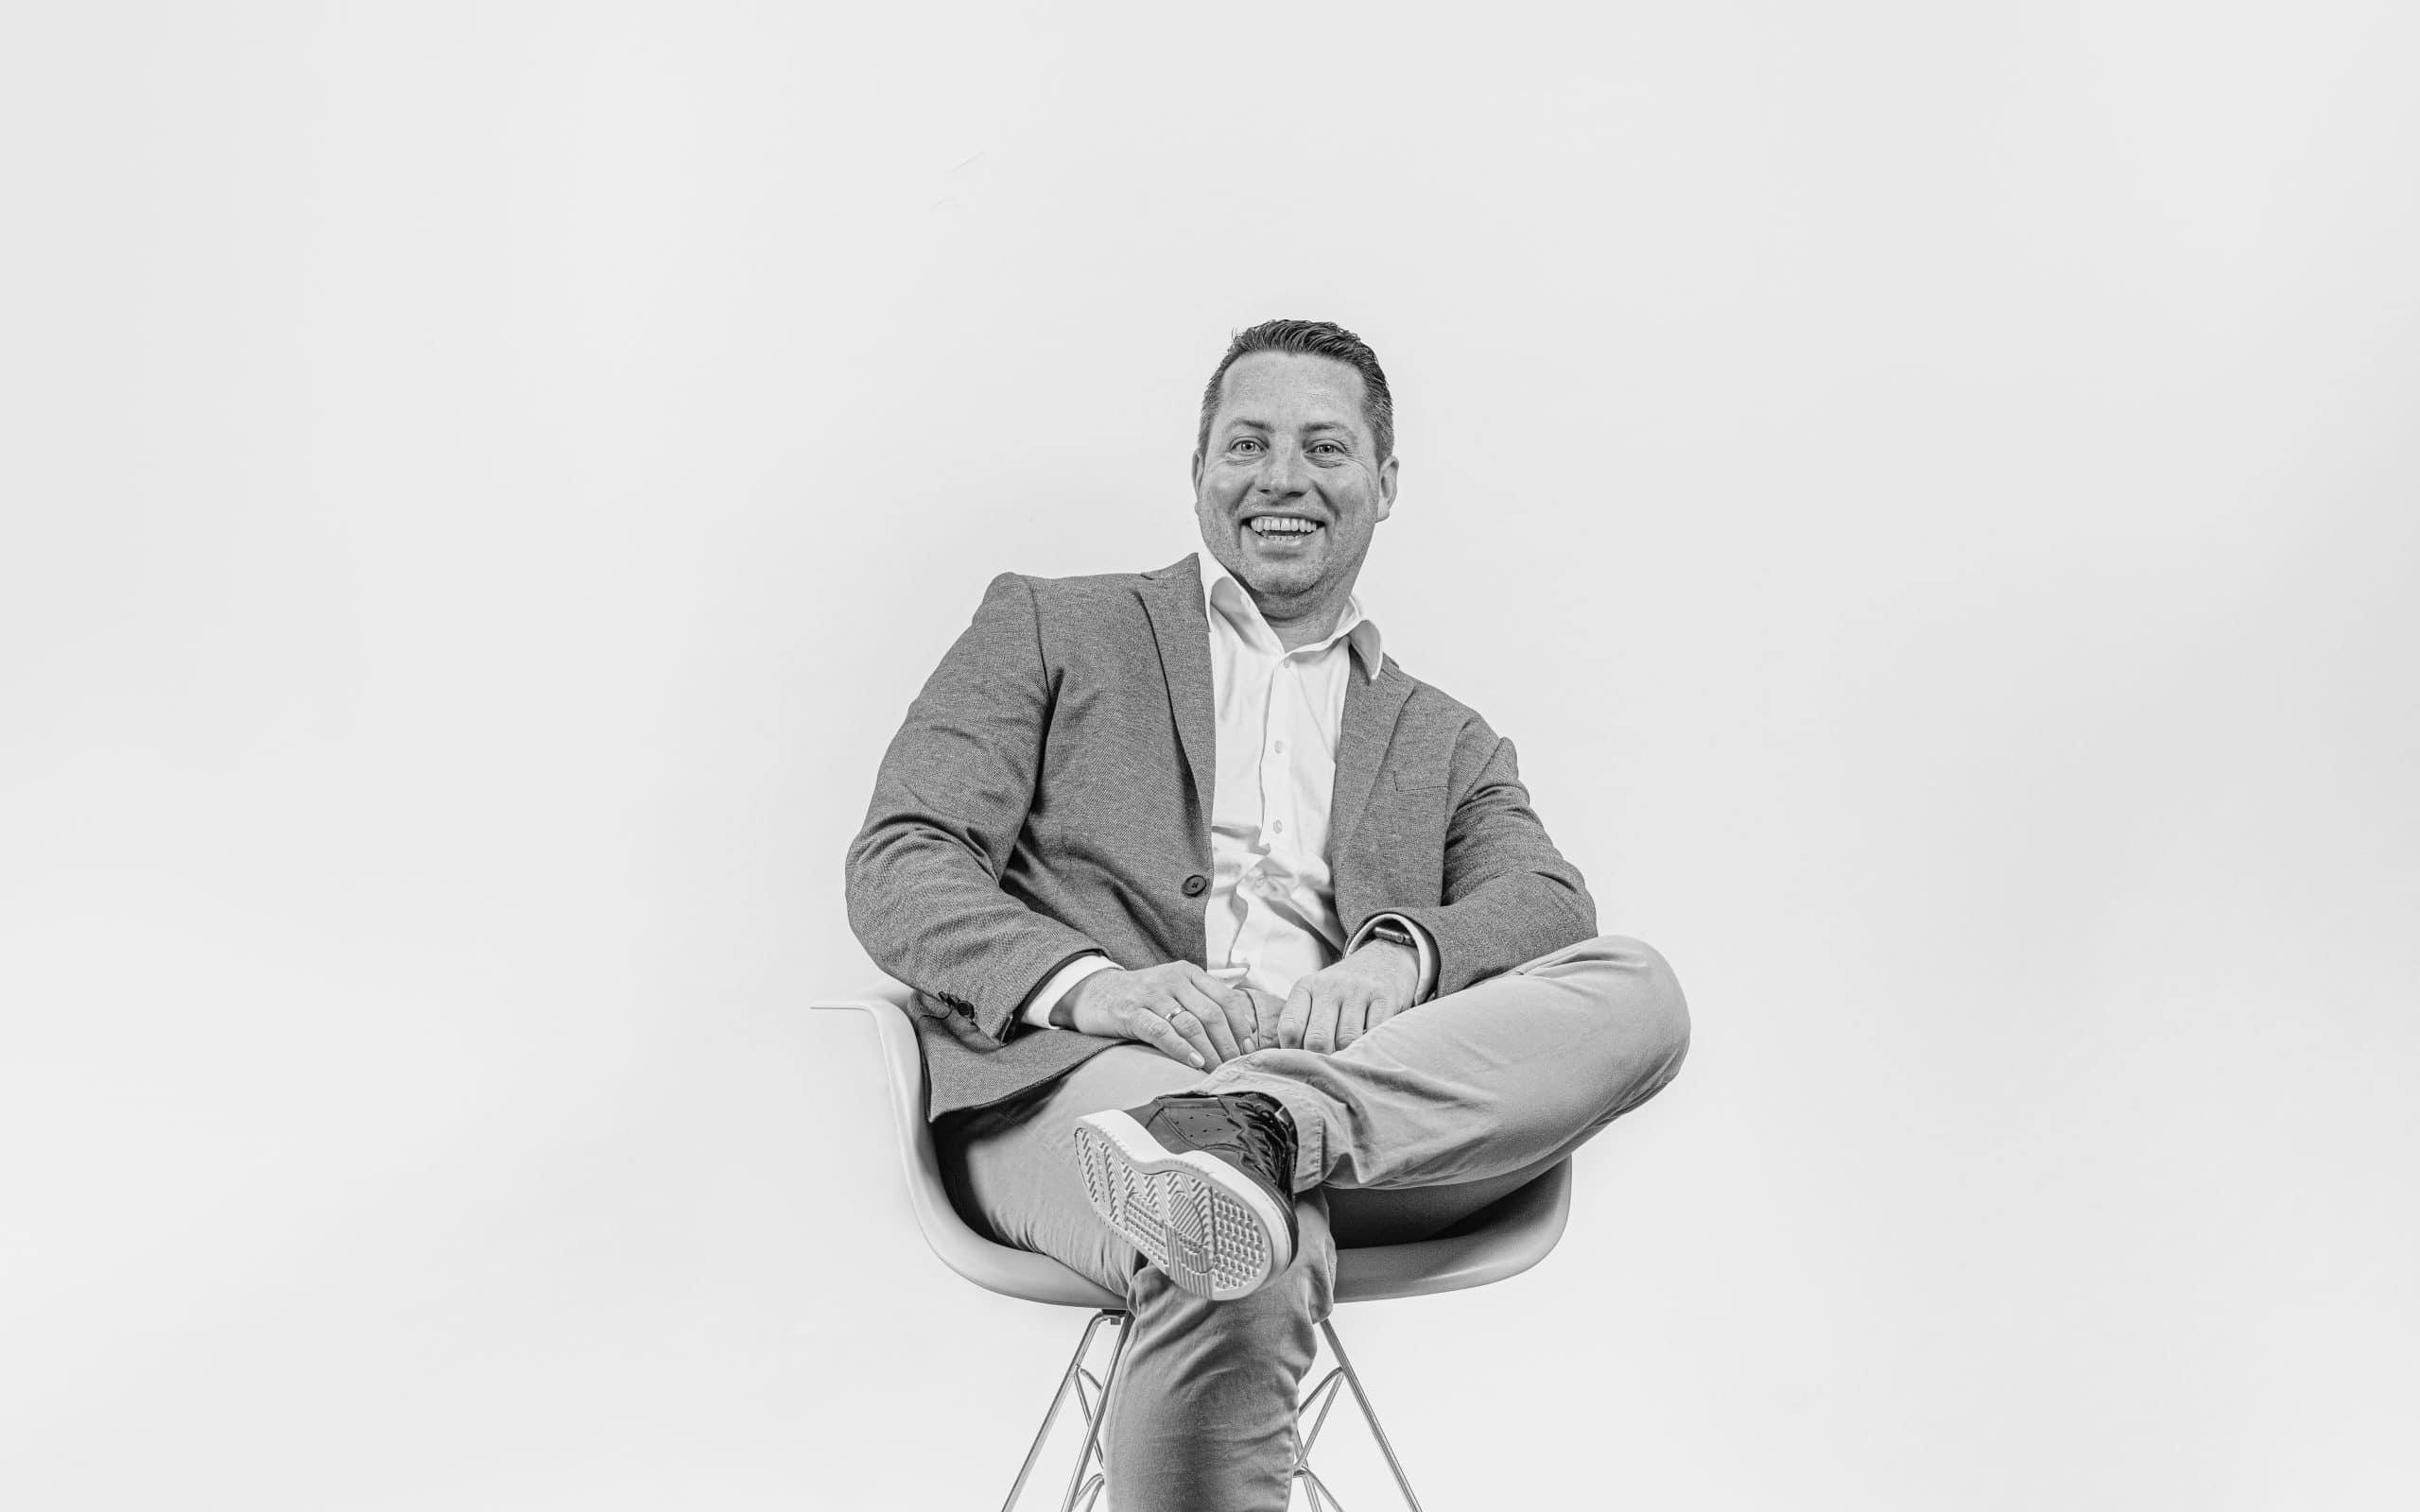 Profilbild von Sven Mueller in schwarz-weiß